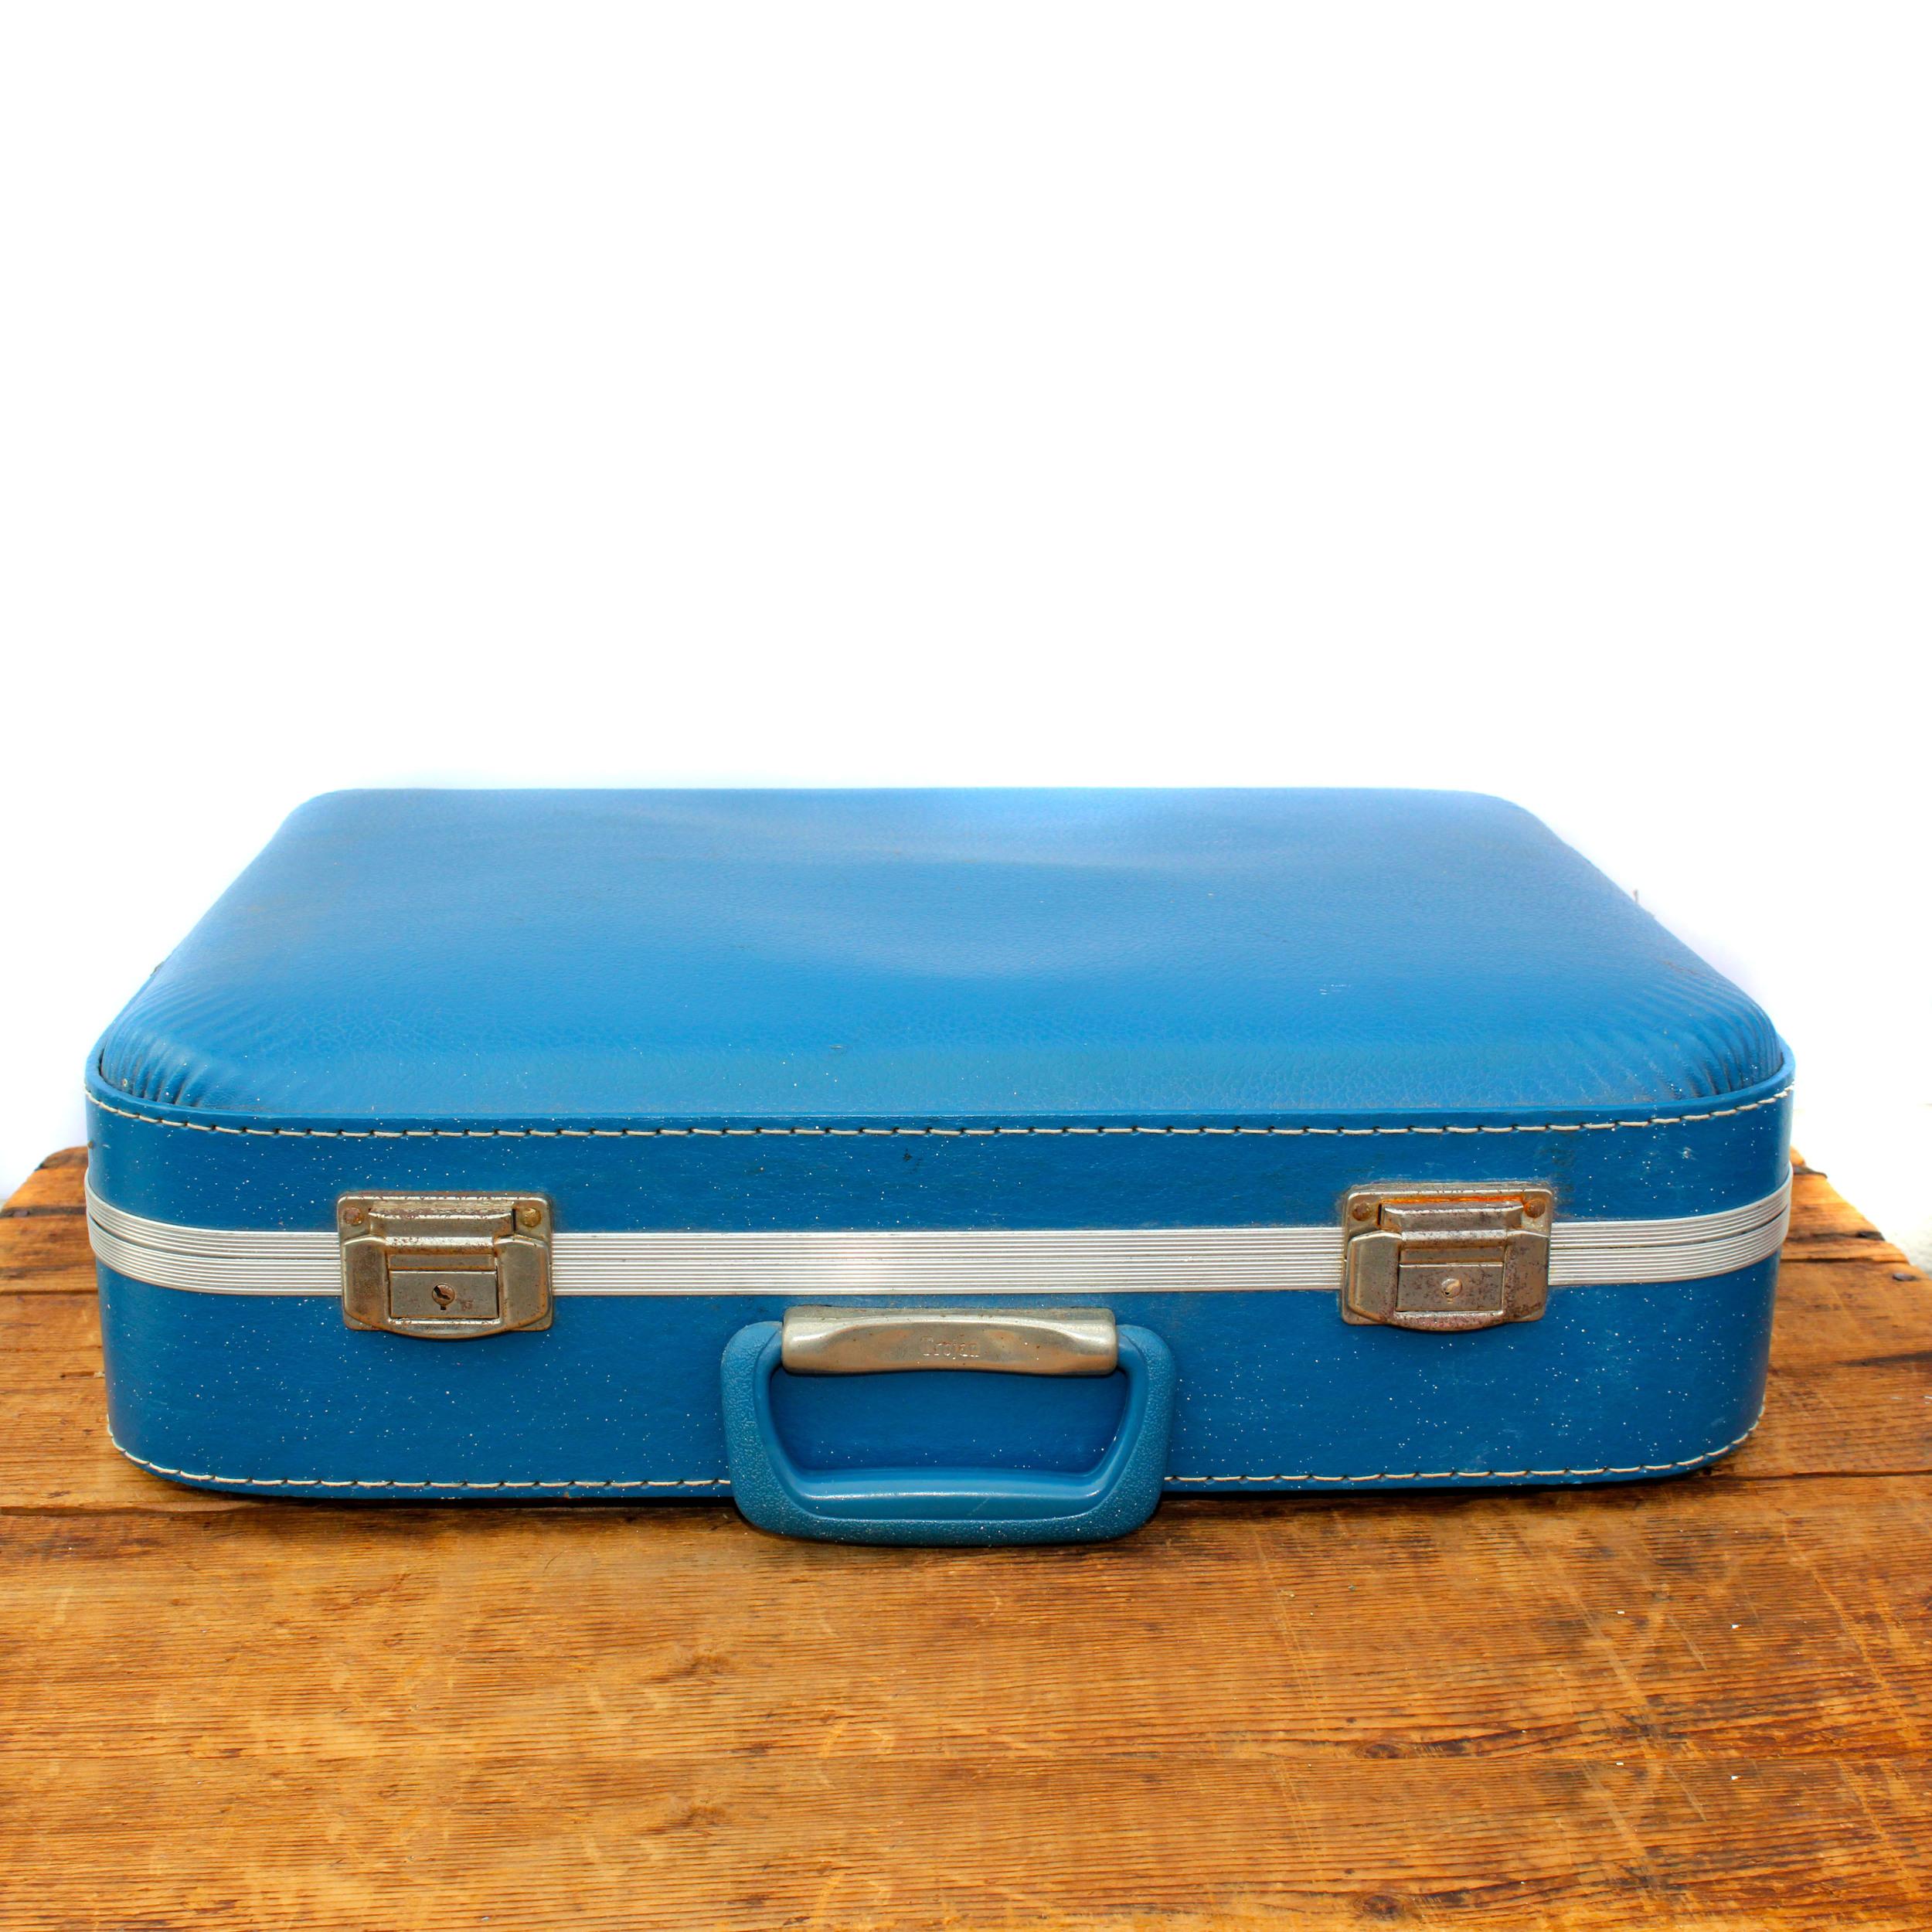 vintage blue suitcase.jpg